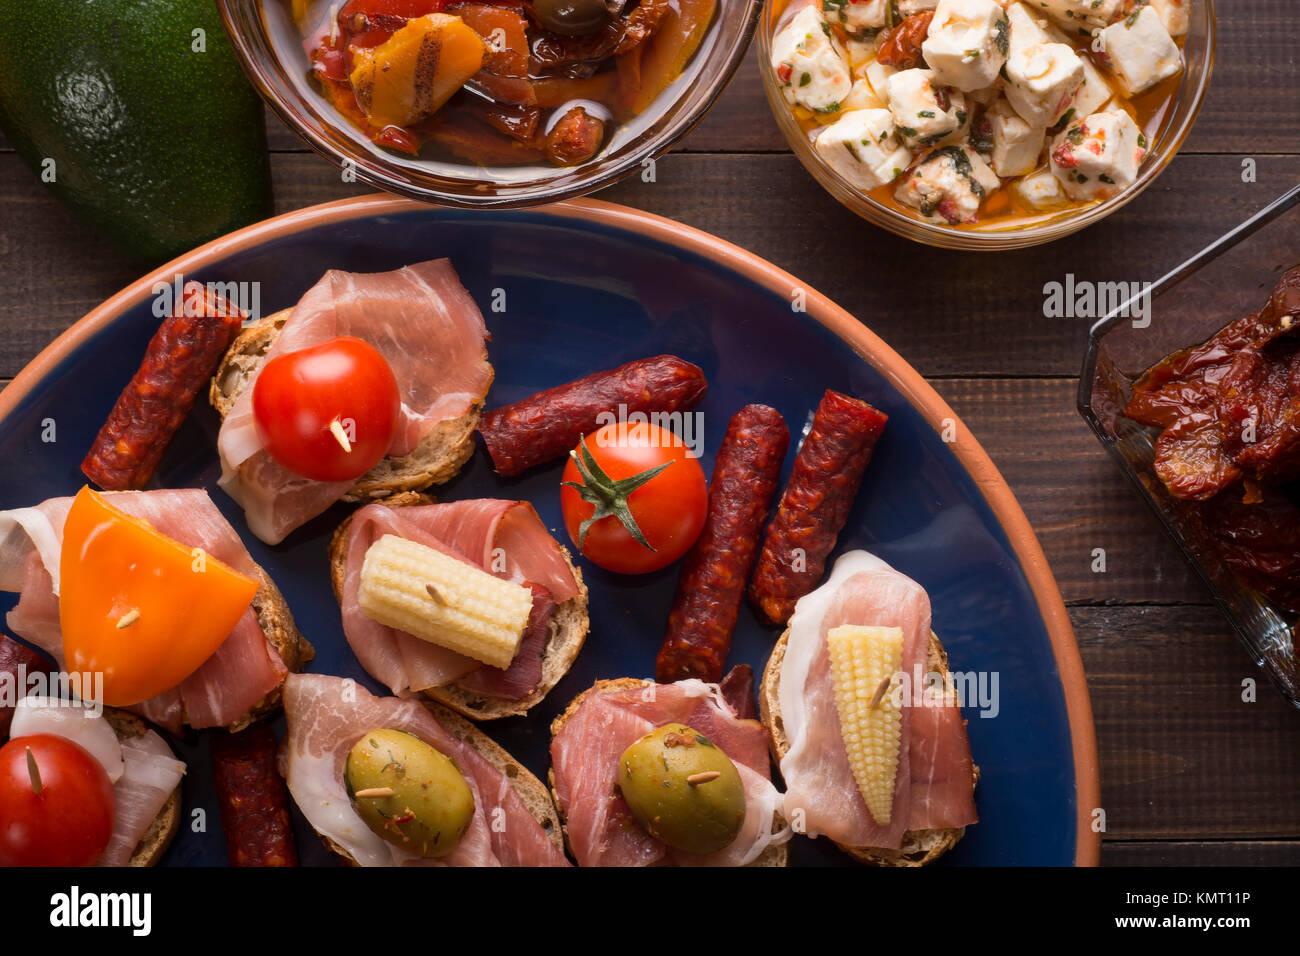 Teilen gemischt spanische Tapas Vorspeisen auf dem Tisch. Ansicht von oben Stockbild